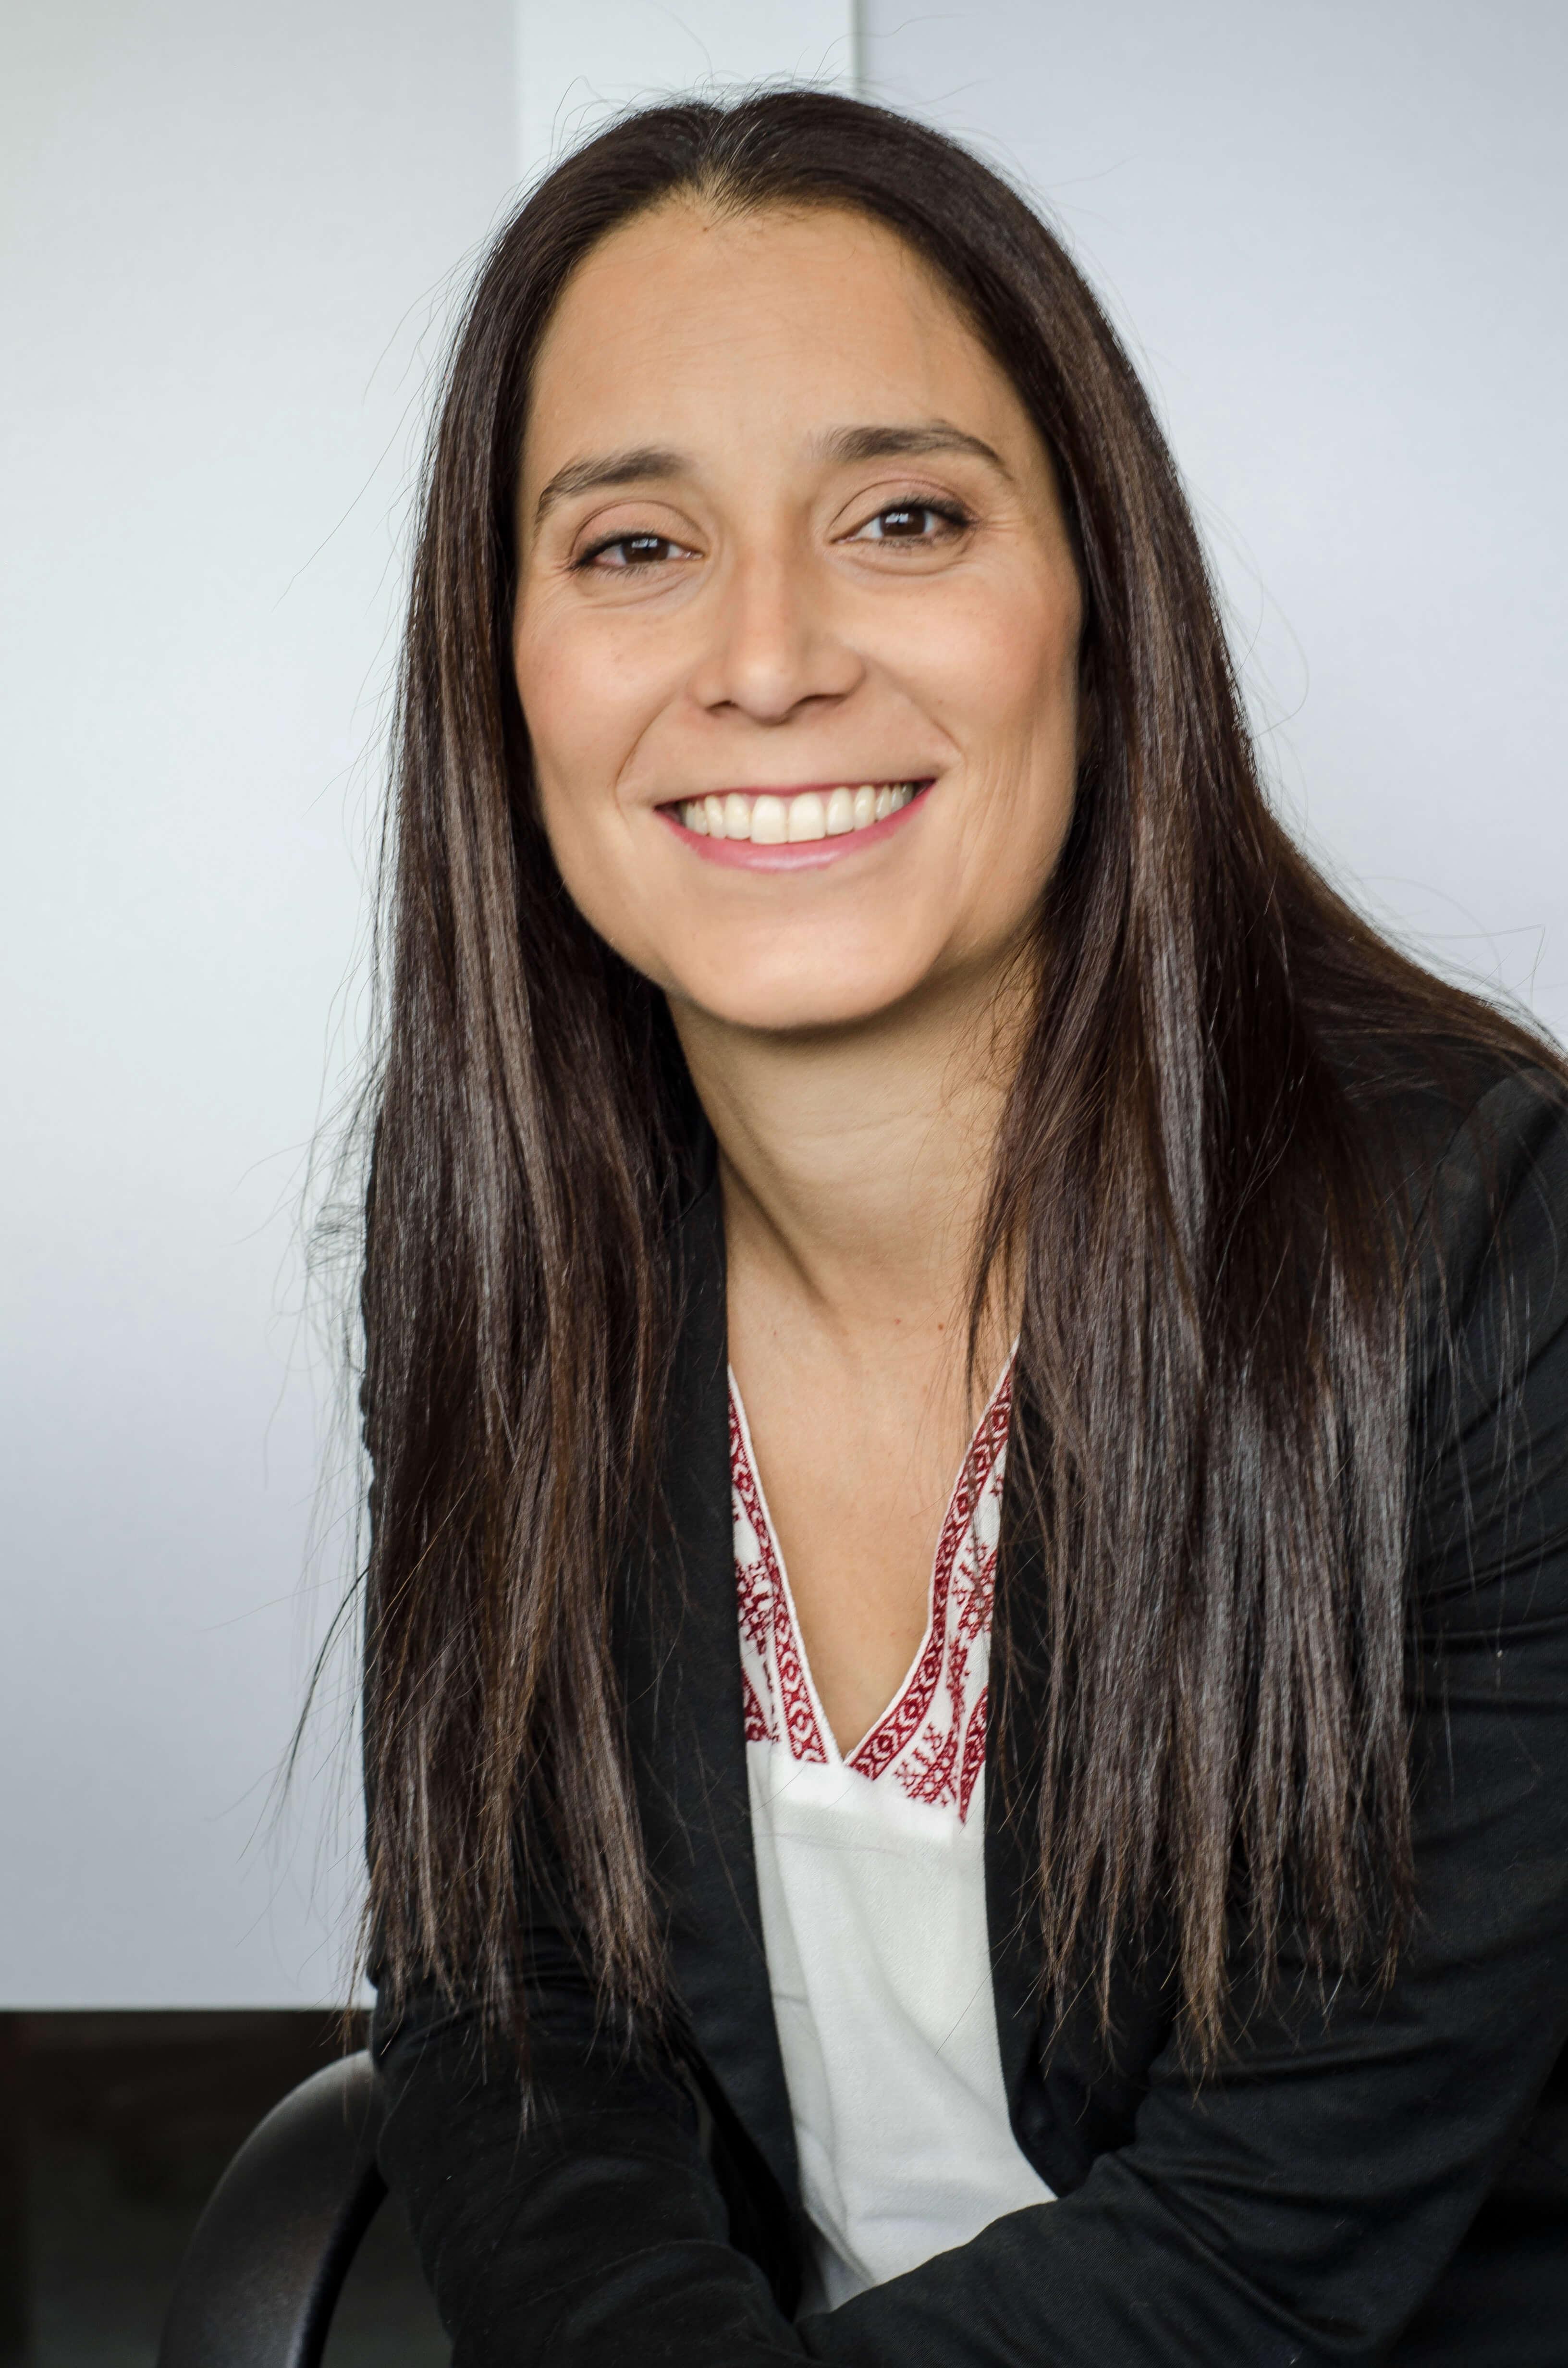 Dra. Esc. María Belén Fernandez